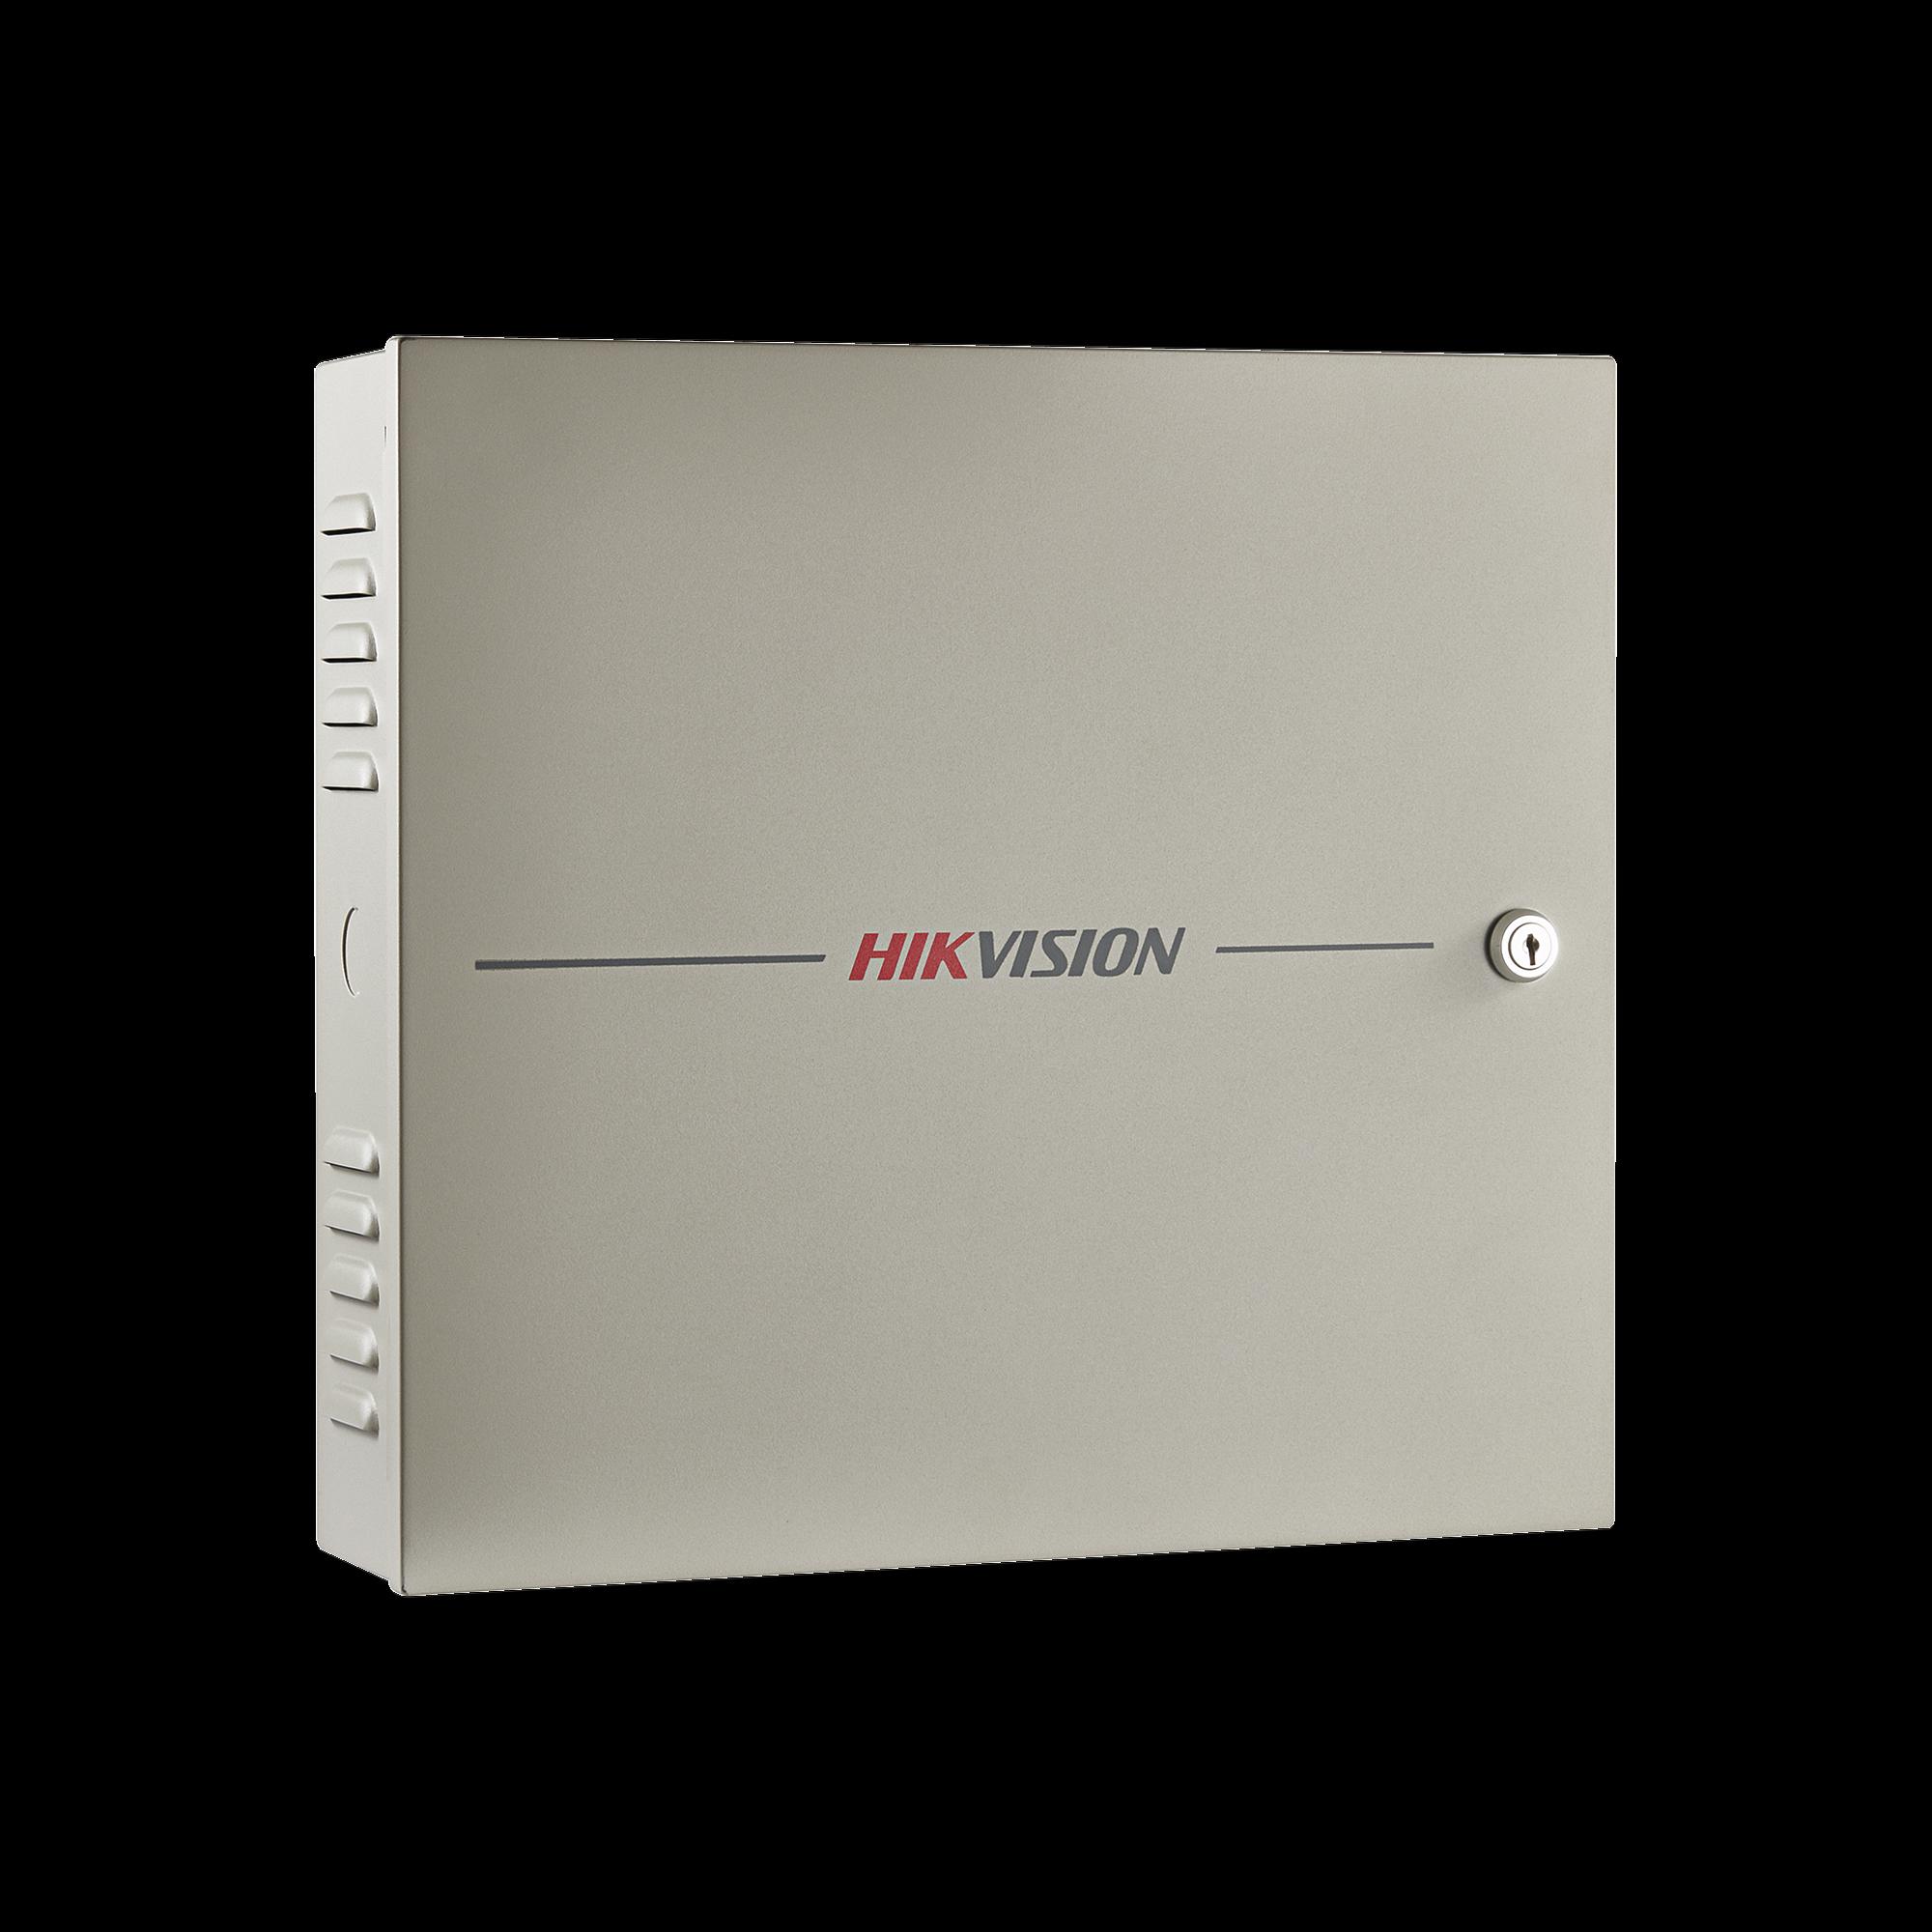 Controlador de Acceso 1 Puerta / 2 Lectores de Huella o tarjeta / Integración con cámaras / 100,000 Tarjetas / Incluye Gabinete y Fuente de Alimentación 12VCD/8A / Software GRATUITO